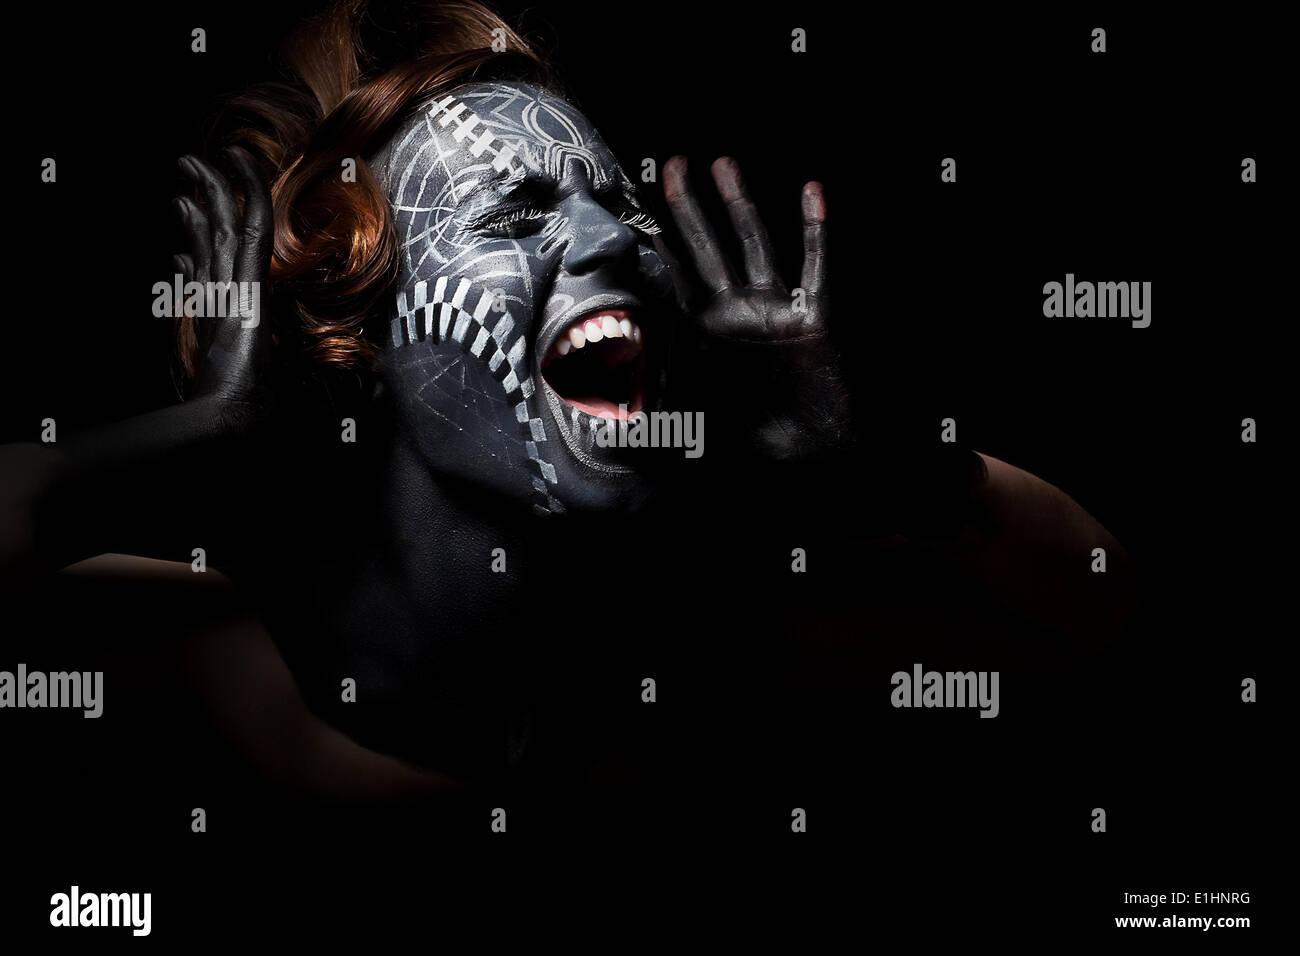 Art photo d'un souligné ethnic woman avec masque peint en noir sur le visage et le tattoo Banque D'Images